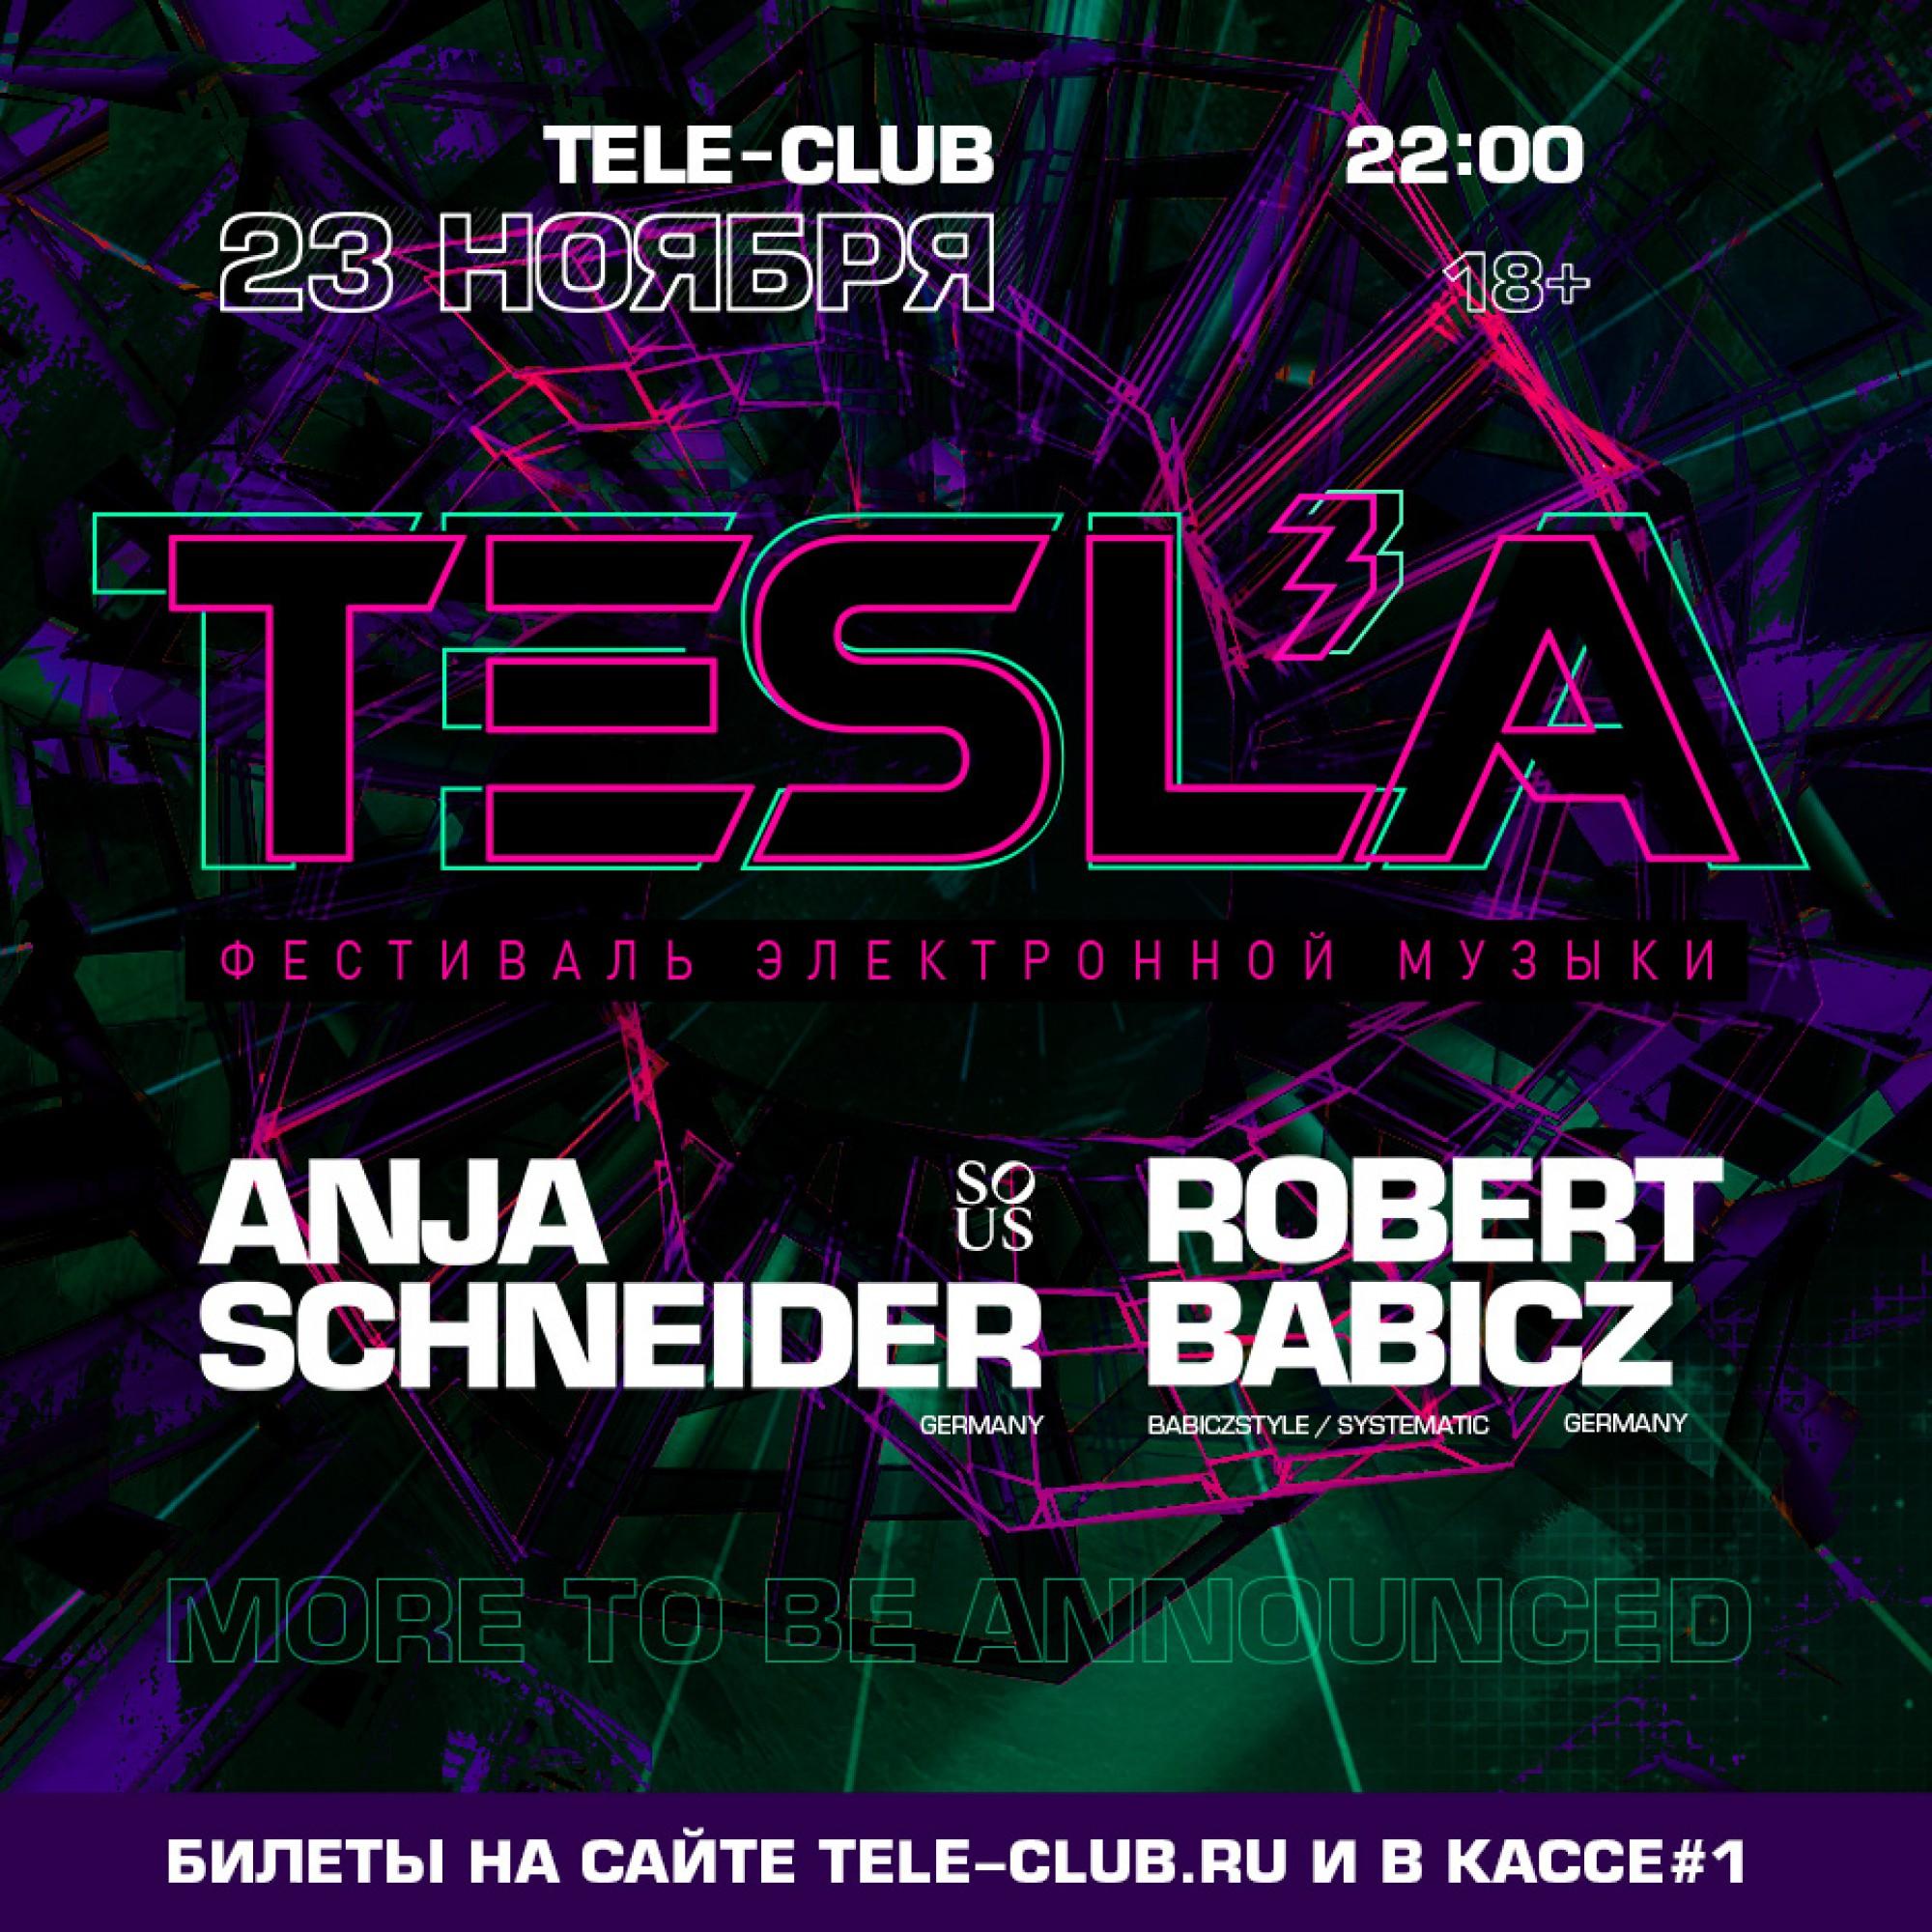 Изображение афиши фестиваля Tesla предоставлено организаторами